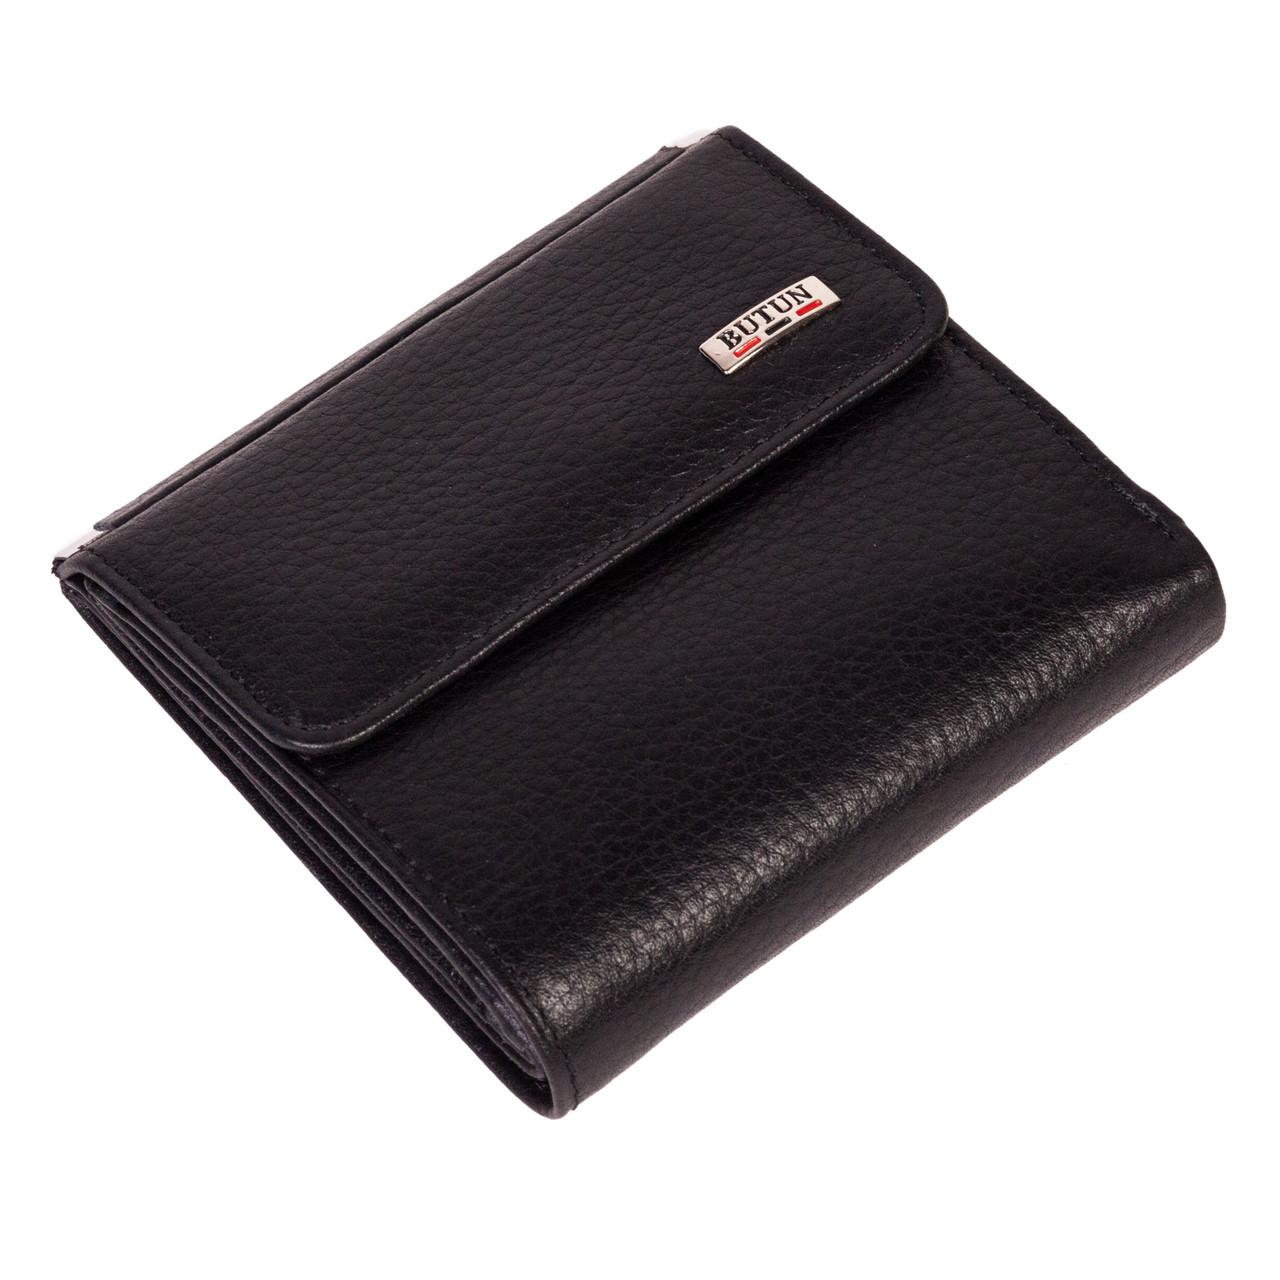 Маленький женский кошелек Butun 590-004-001 кожаный чёрный